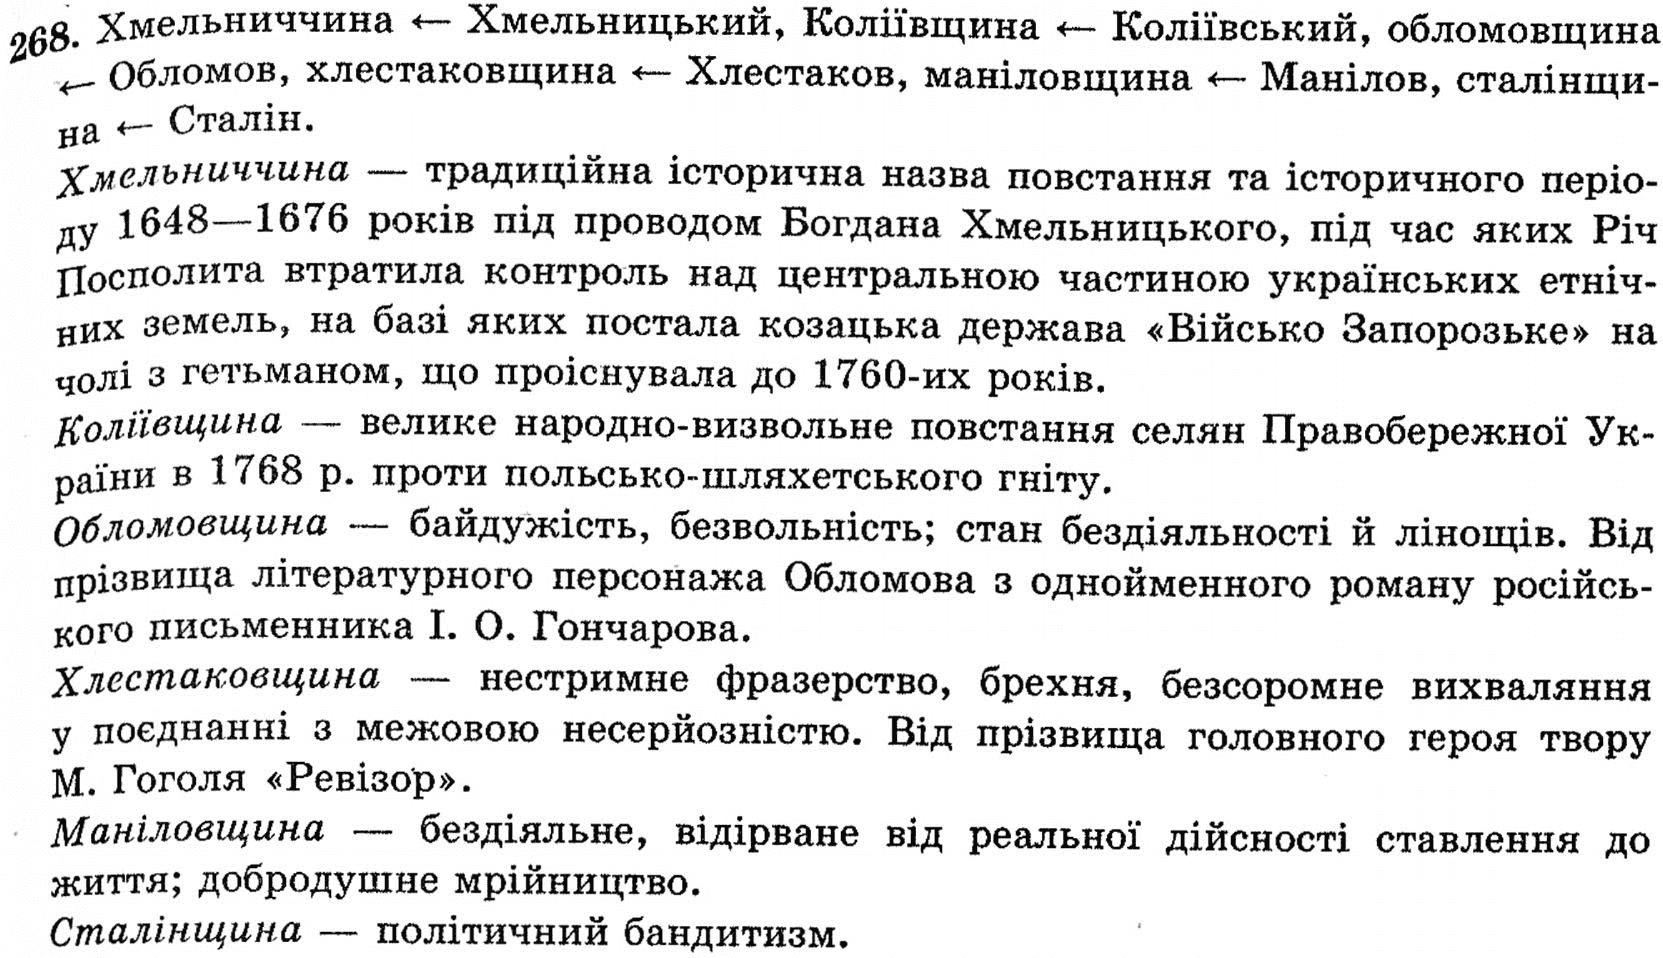 Гдз На Українській Мові 10 Клас Укр Мова